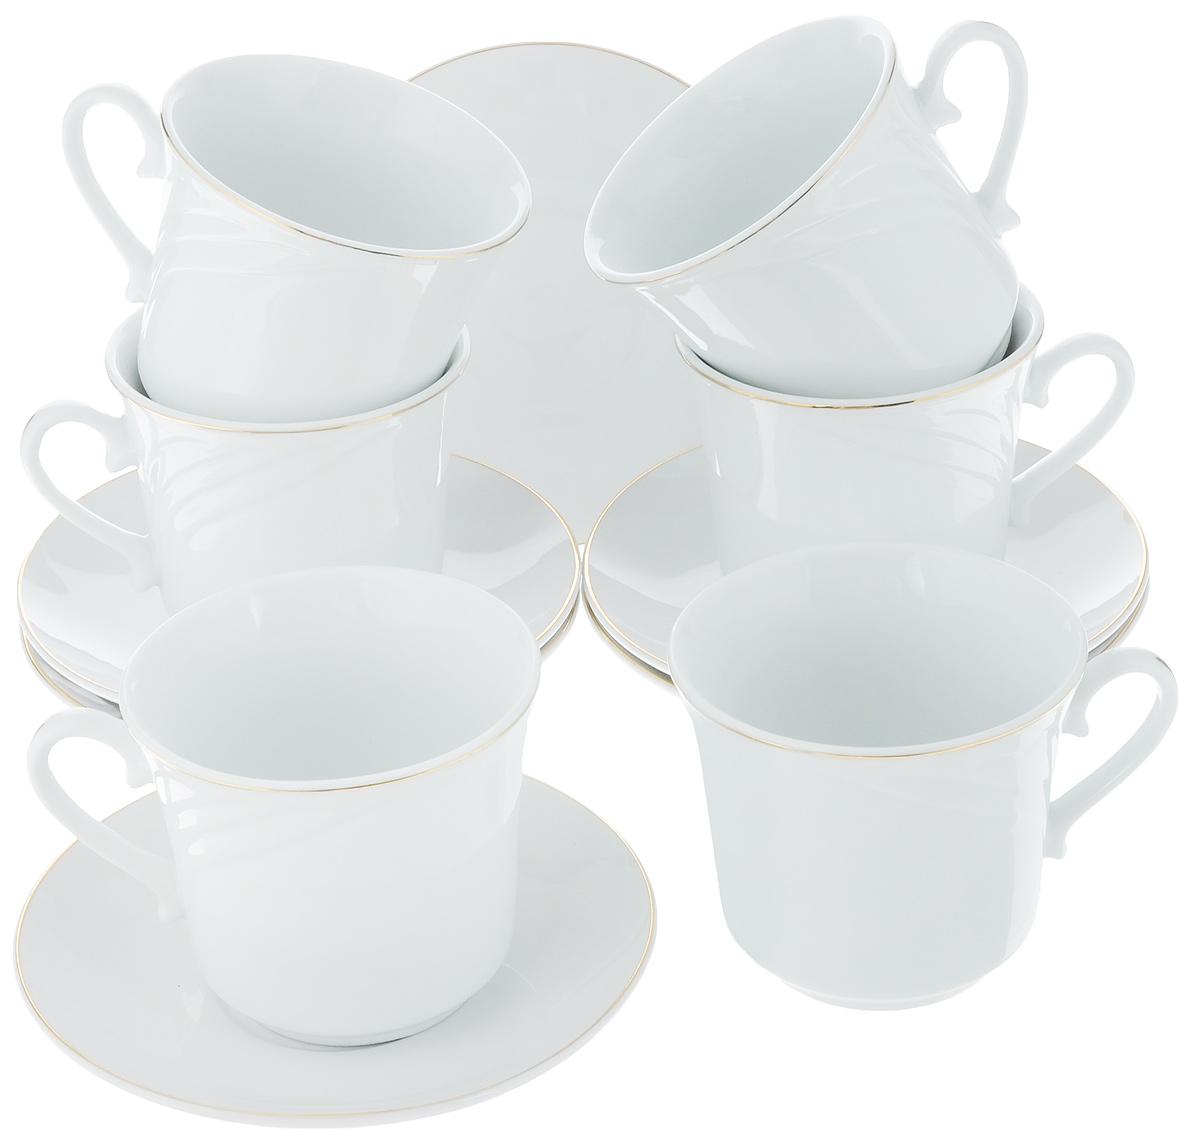 Набор чайный Loraine, 12 предметов. 25615VT-1520(SR)Чайный набор Loraine состоит из 6 чашек и 6 блюдец, выполненных из высококачественного фарфора. Такой набор дополнит сервировку стола к чаепитию.Благодаря изысканному дизайну и качеству исполнения он станетзамечательным подарком для ваших друзей и близких. Набор упакован в подарочную коробку, задрапированную белойатласной тканью. Объем чашки: 220 мл. Диаметр чашки по верхнему краю: 8,5 см. Высота чашки: 7,5 см. Диаметр блюдца: 13,5 см.Высота блюдца: 2 см.